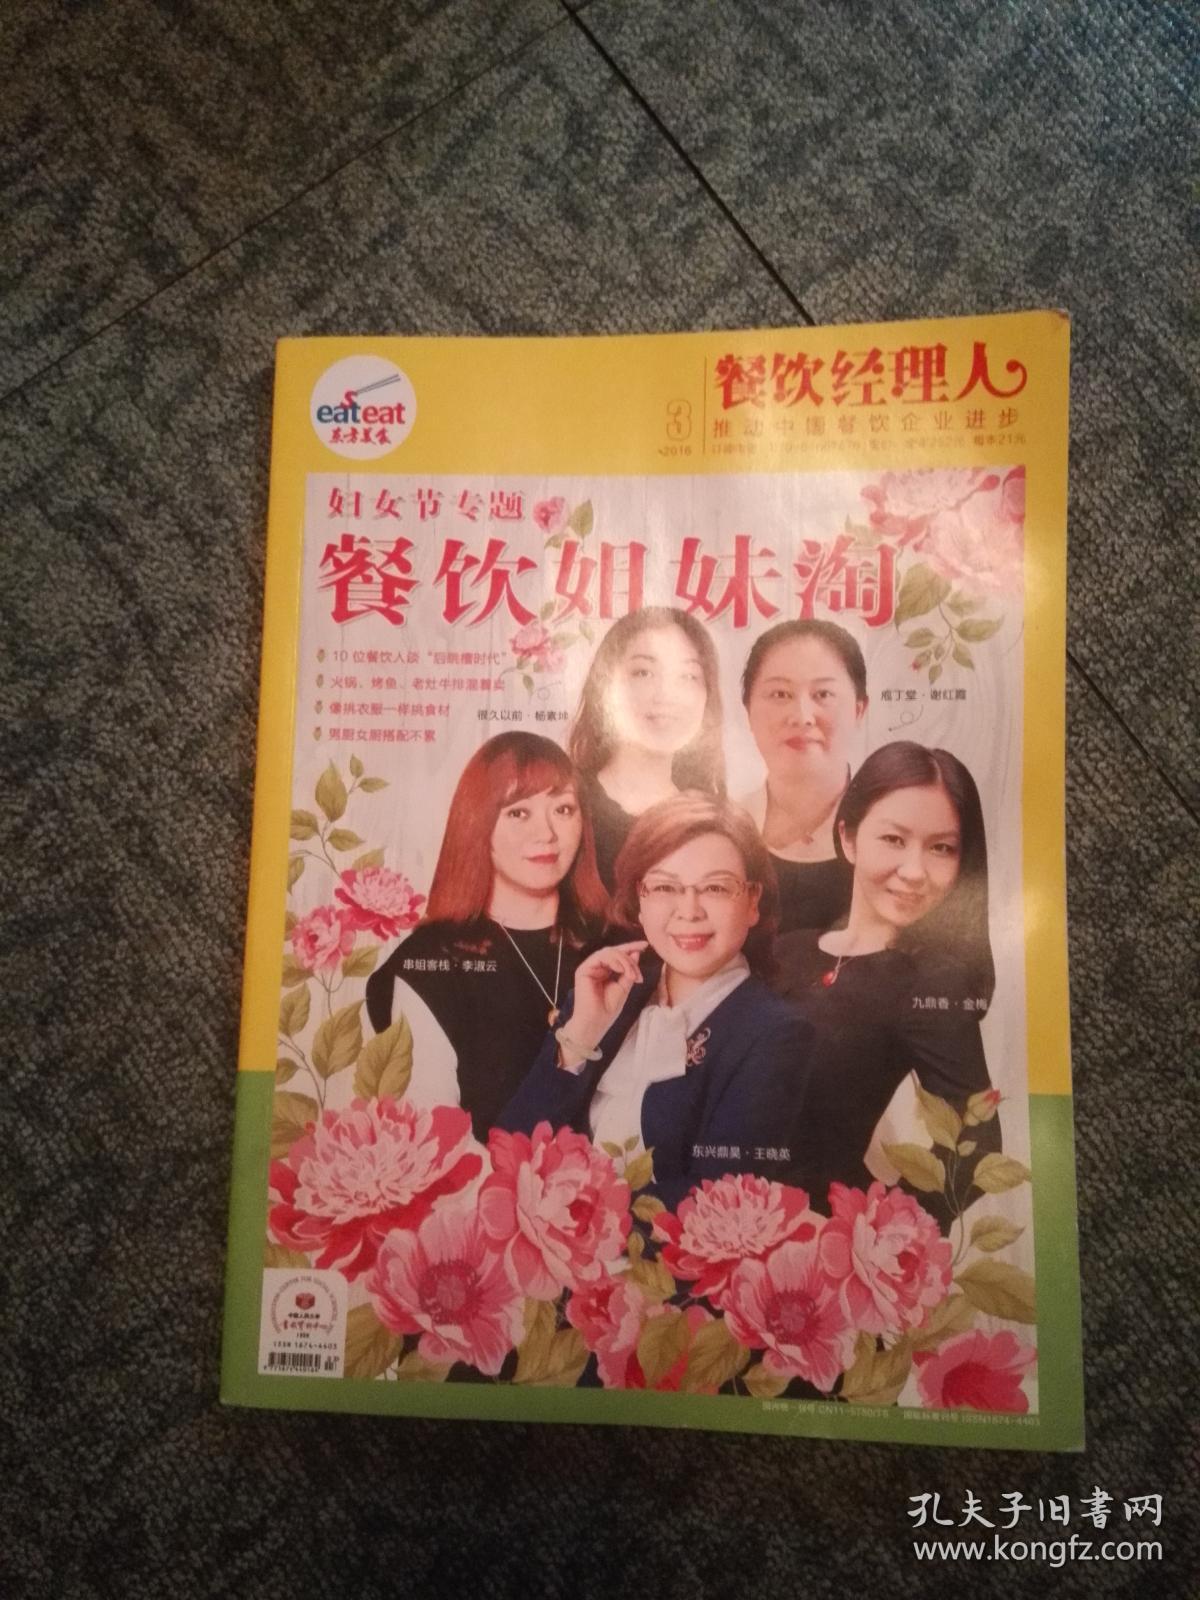 东方美食餐饮经理人2016年03月(妇女节专题)河南特色美食濮阳图片